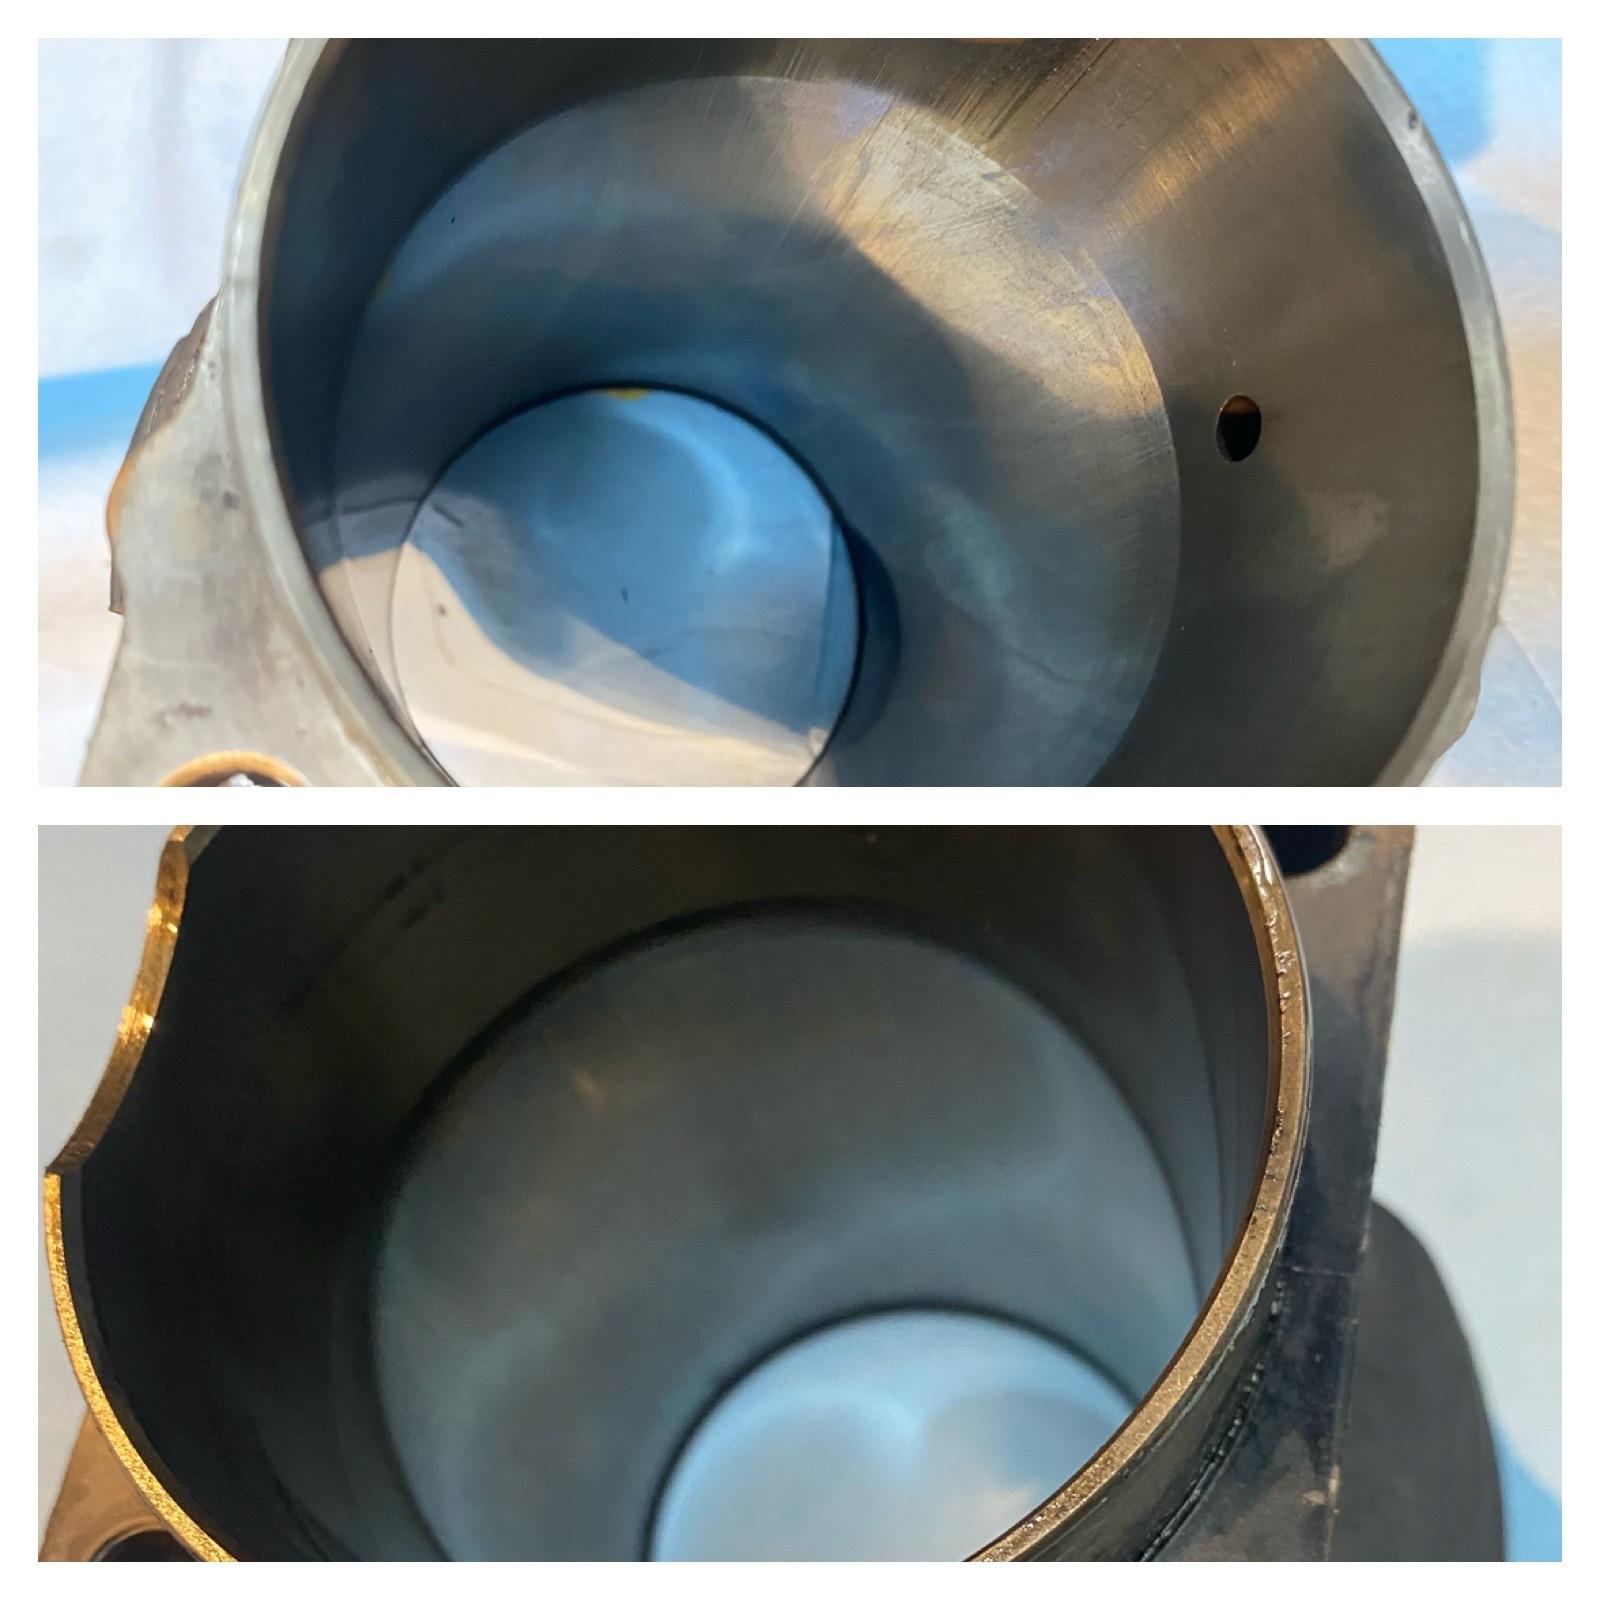 継続検査とエンジン修理などなど_c0152253_23022320.jpg